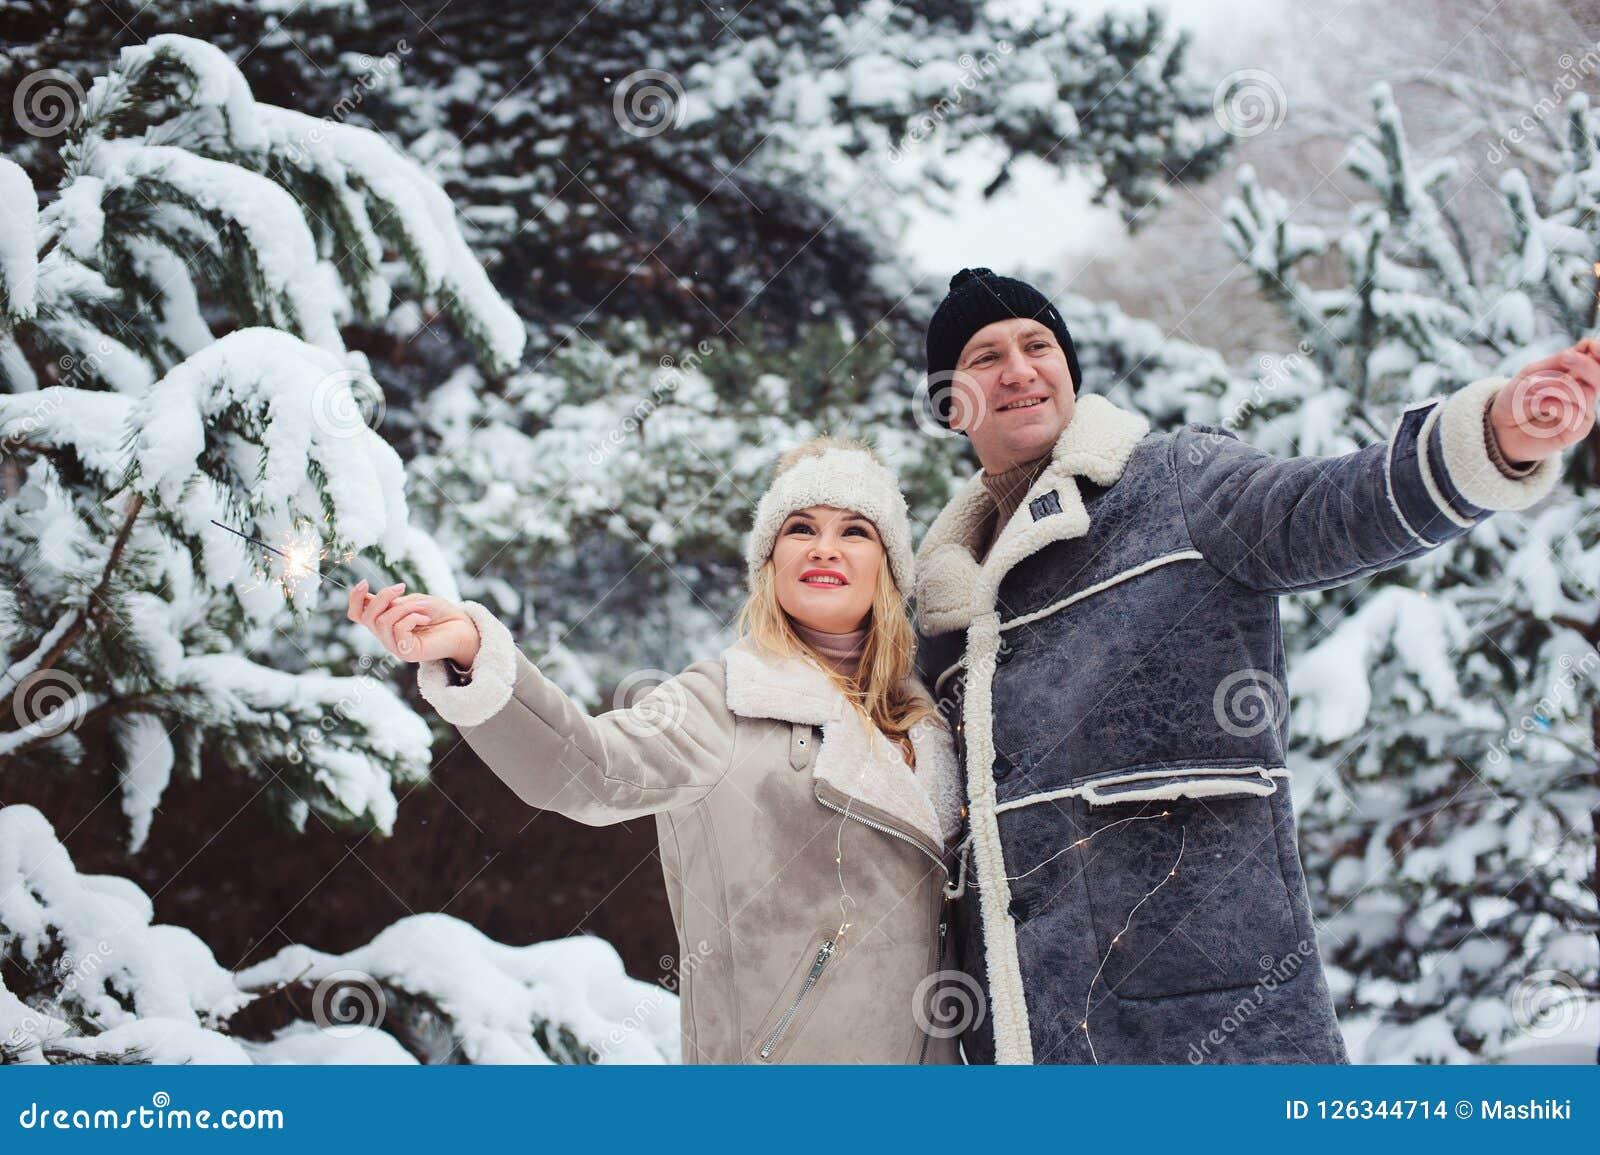 Υπαίθριο πορτρέτο των ευτυχών ρομαντικών Χριστουγέννων εορτασμού ζευγών με το κάψιμο των πυροτεχνημάτων στο χιονώδες δάσος